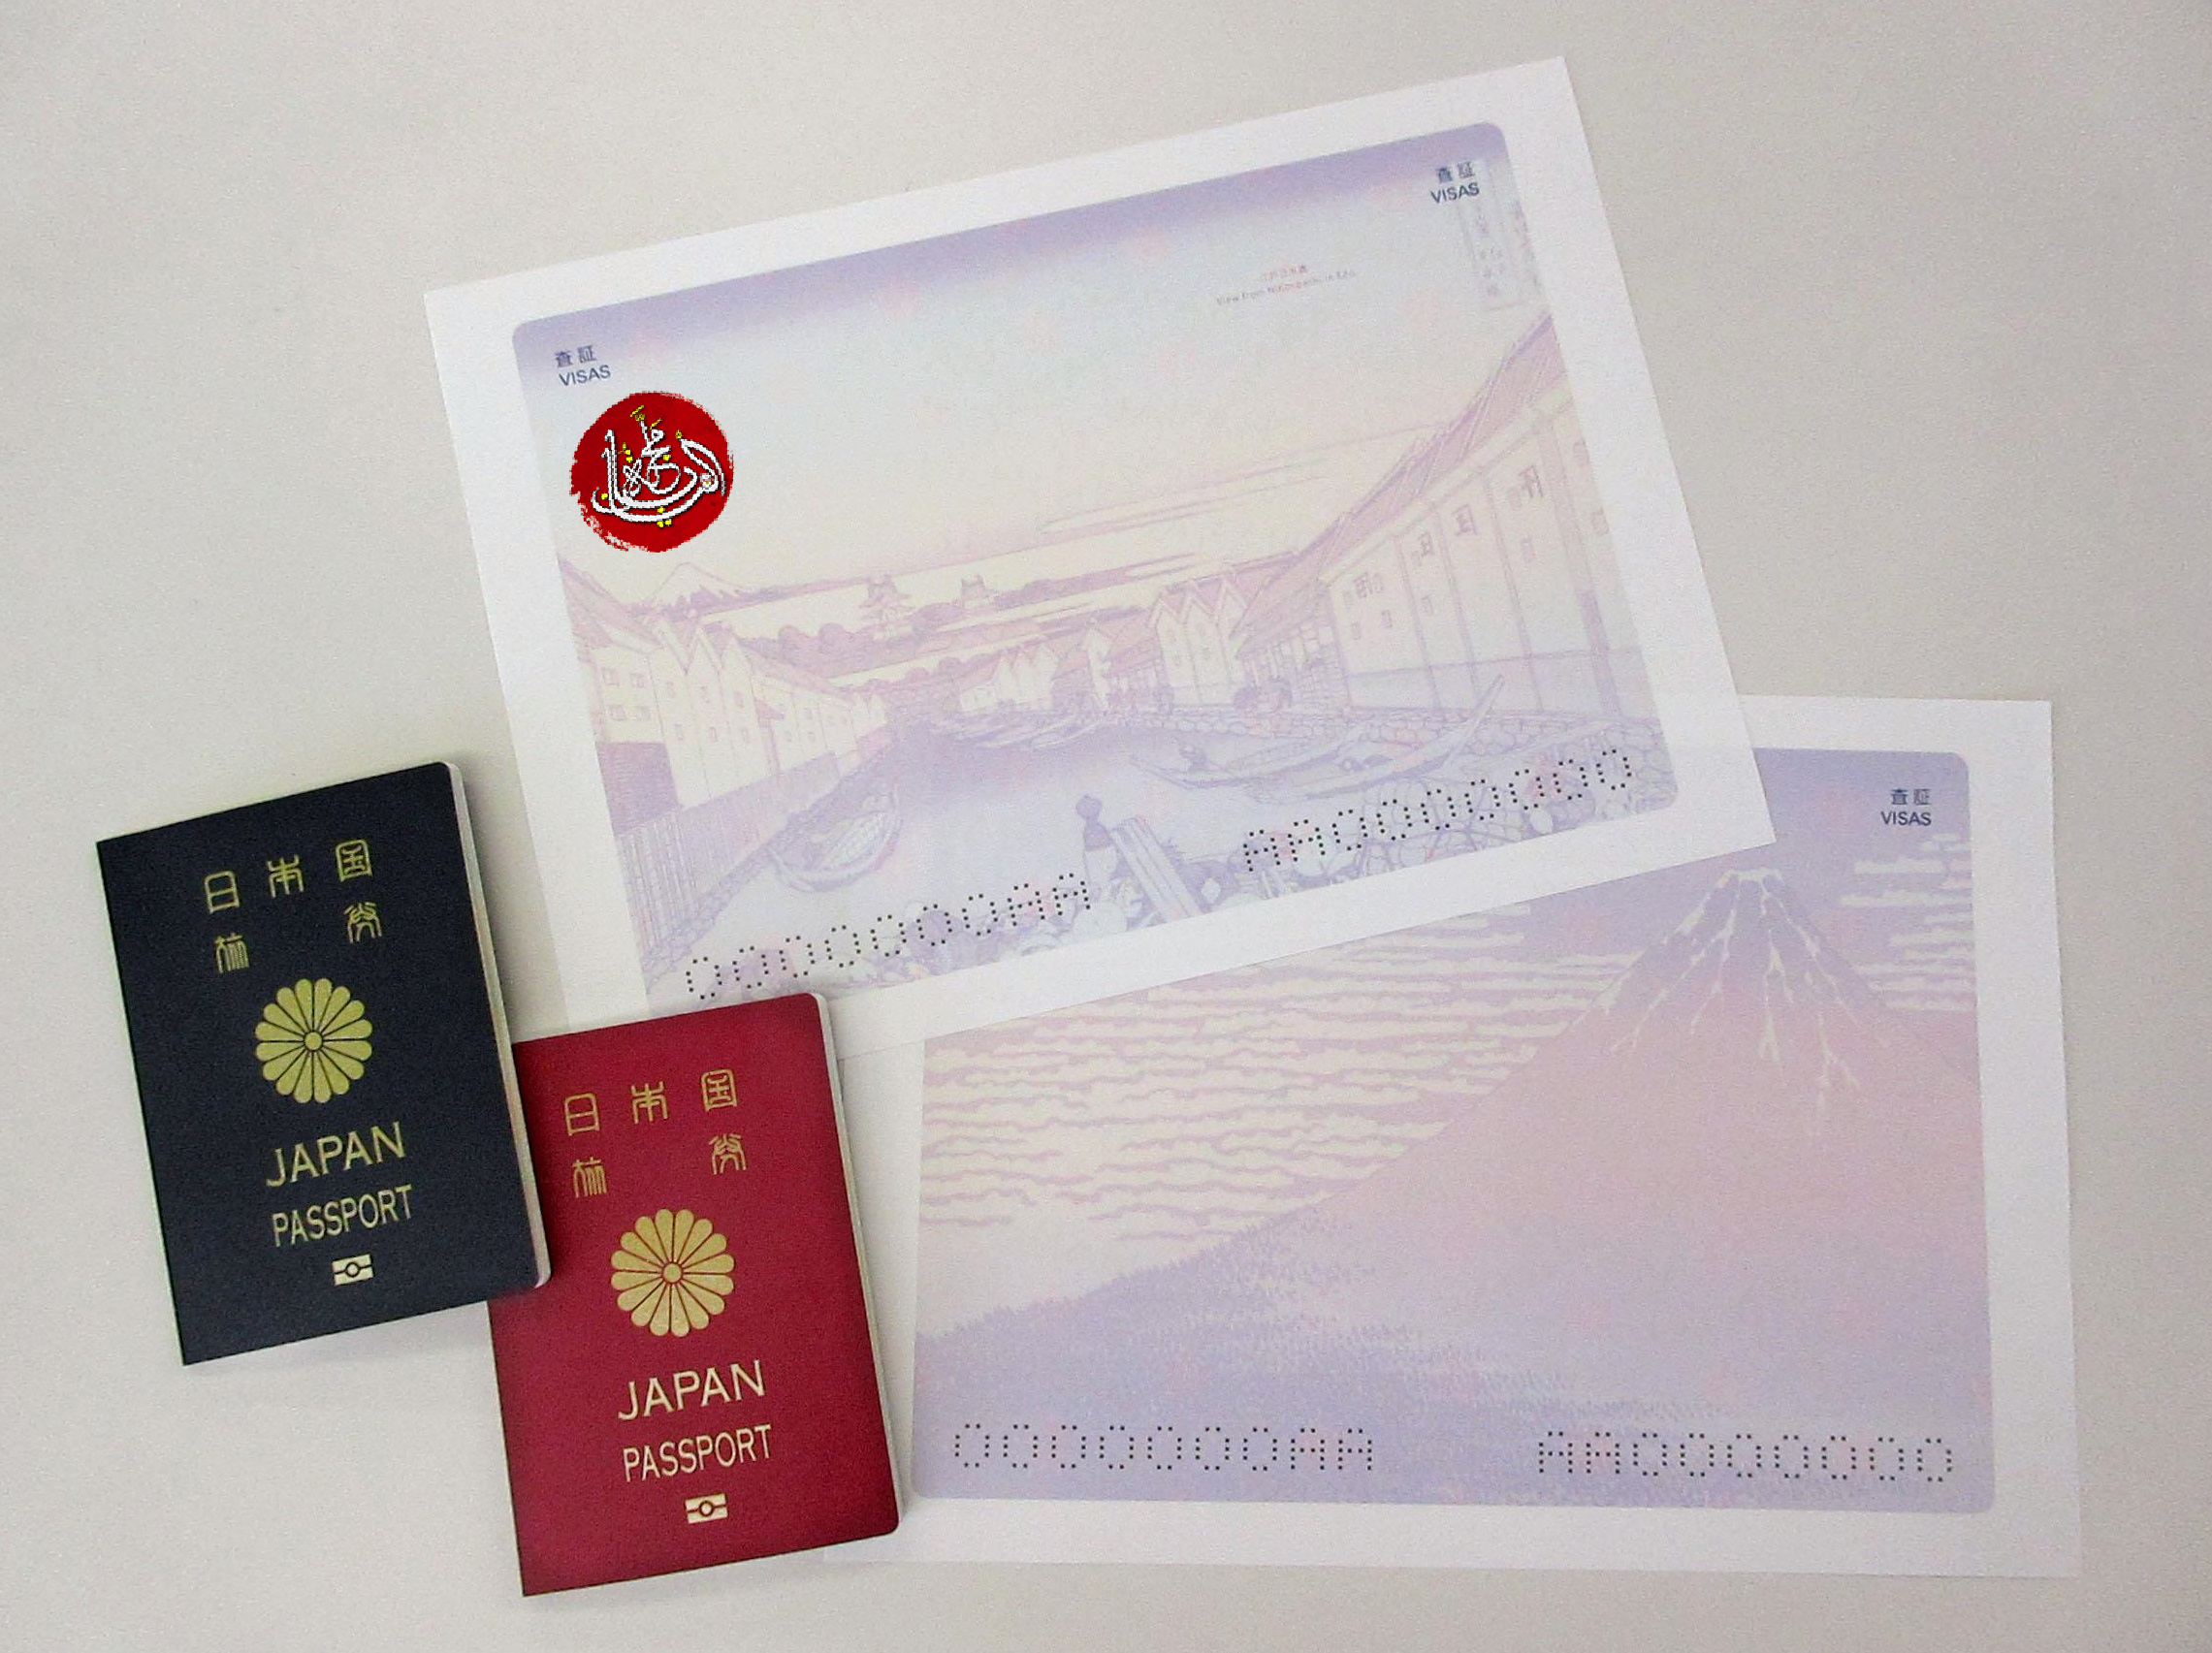 شروط الحصول على الجنسية اليابانية